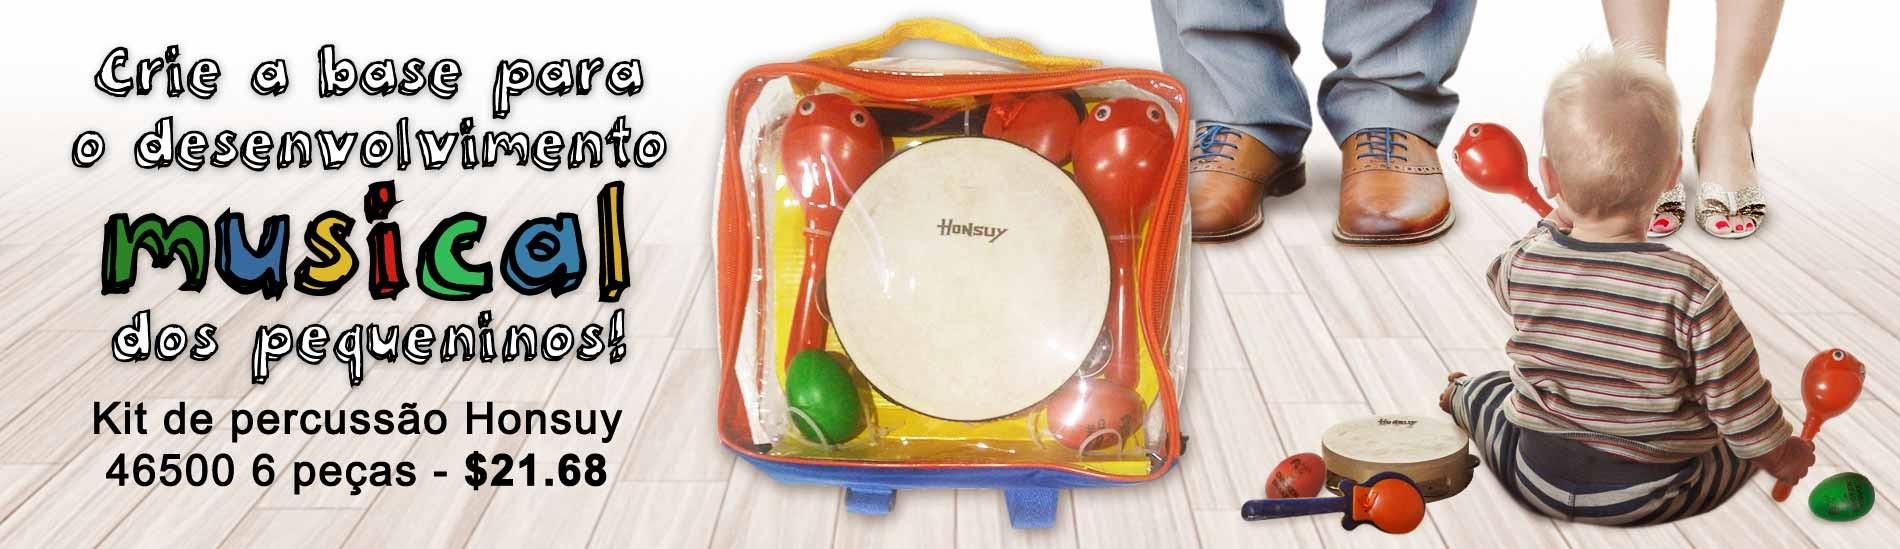 Kit de Percussão Honsuy 46500 6 Peças - Crie a base para o desenvolvimento musical dos pequeninos!